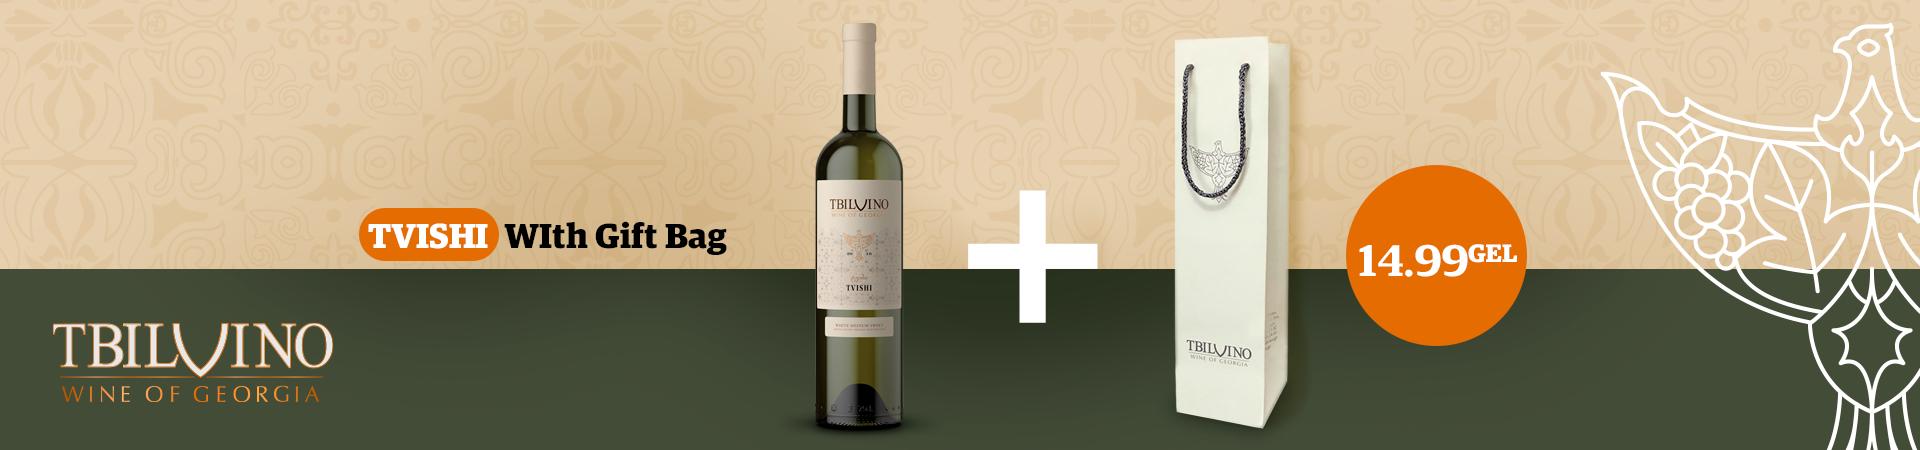 Tbilvino-Tvishi+gift-bag-square-1920X450-Eng